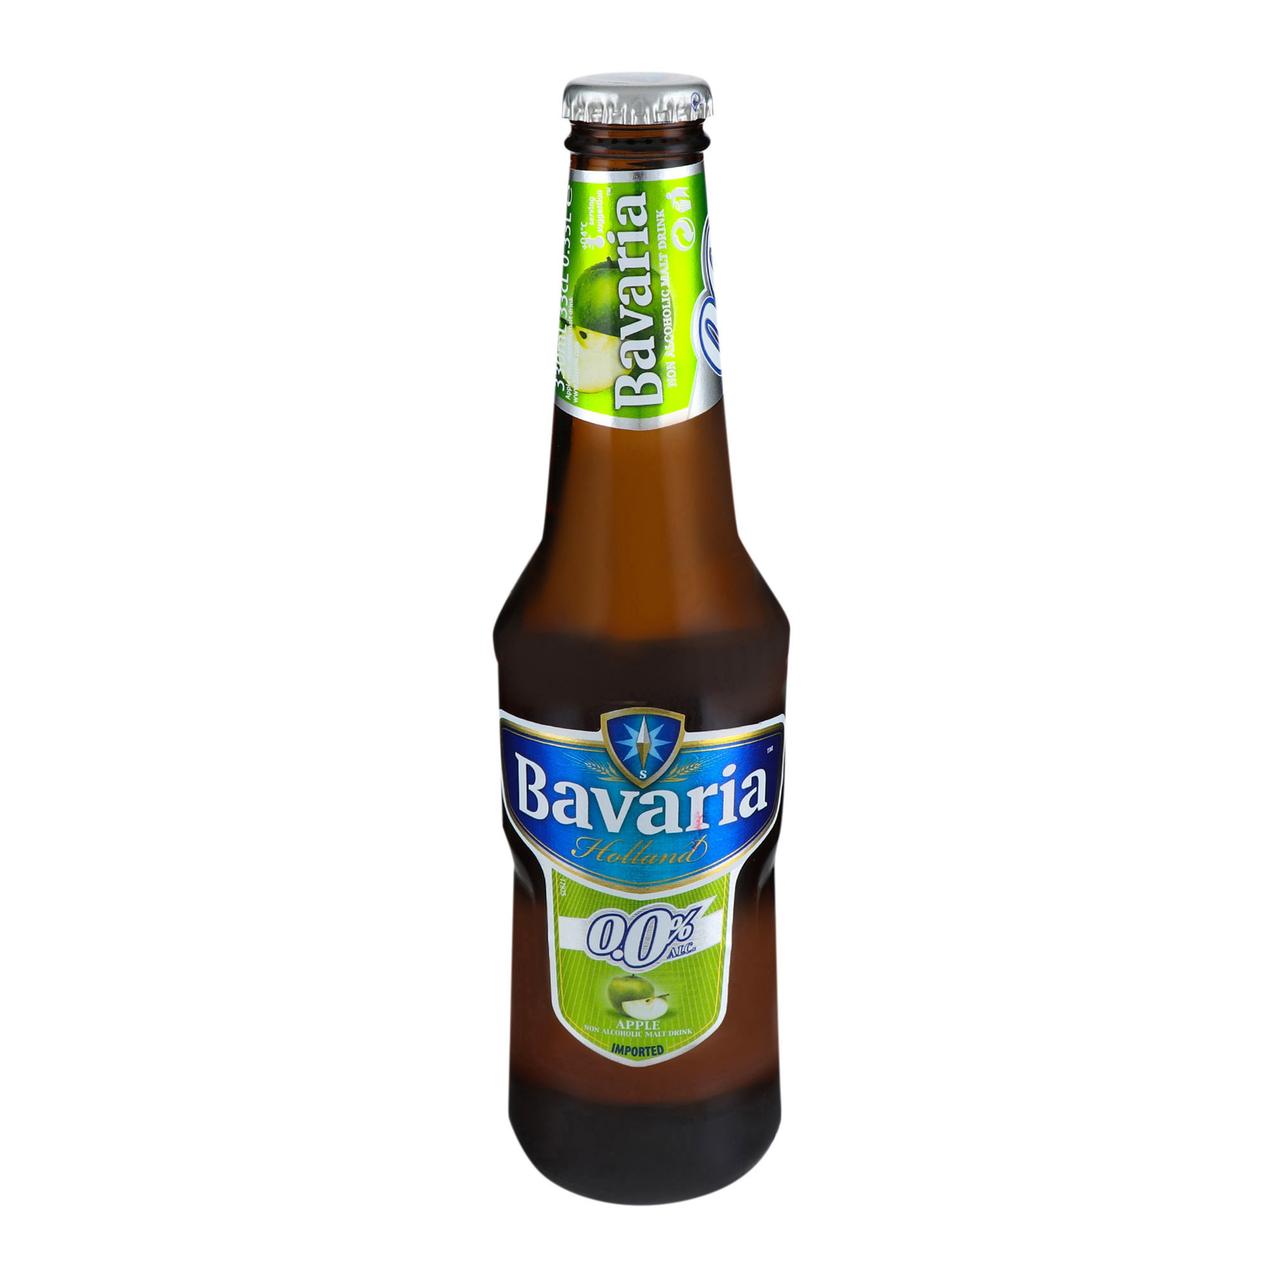 Пиво Bavaria Apple світле фільтроване 0% 0.33л